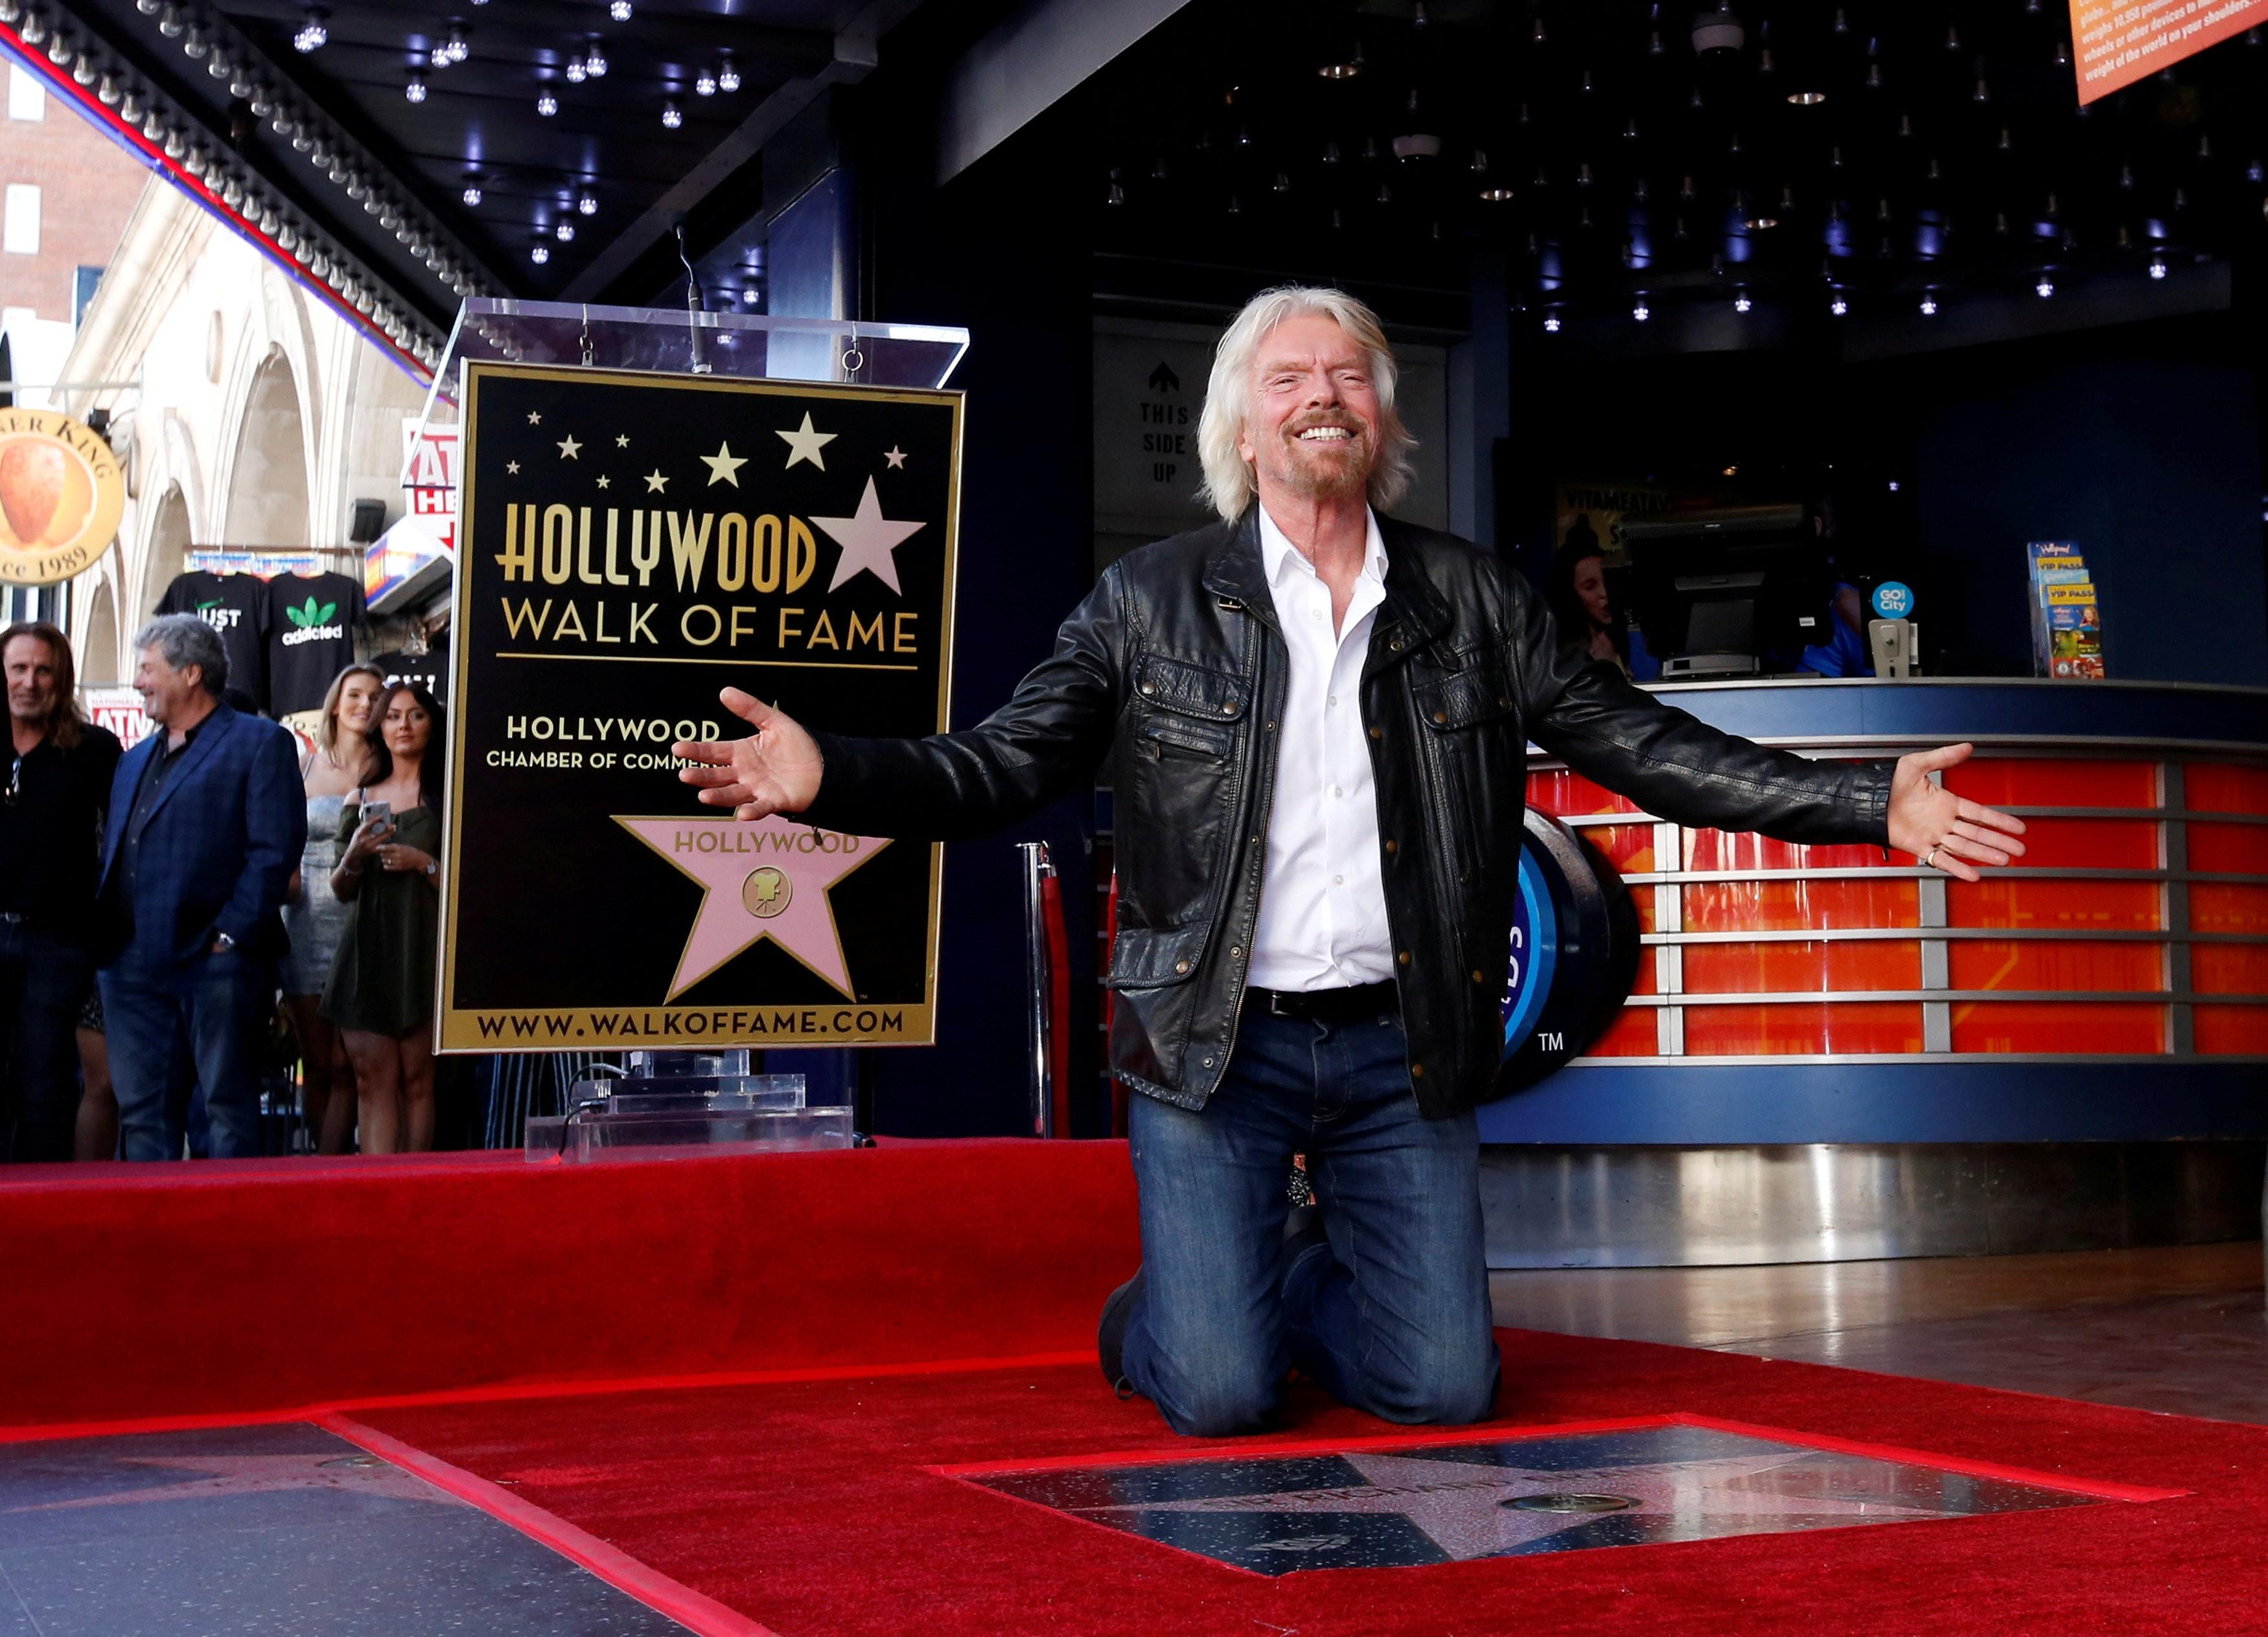 Richard Branson ganha estrela na calçada da fama e relembra dias de rock 'n roll